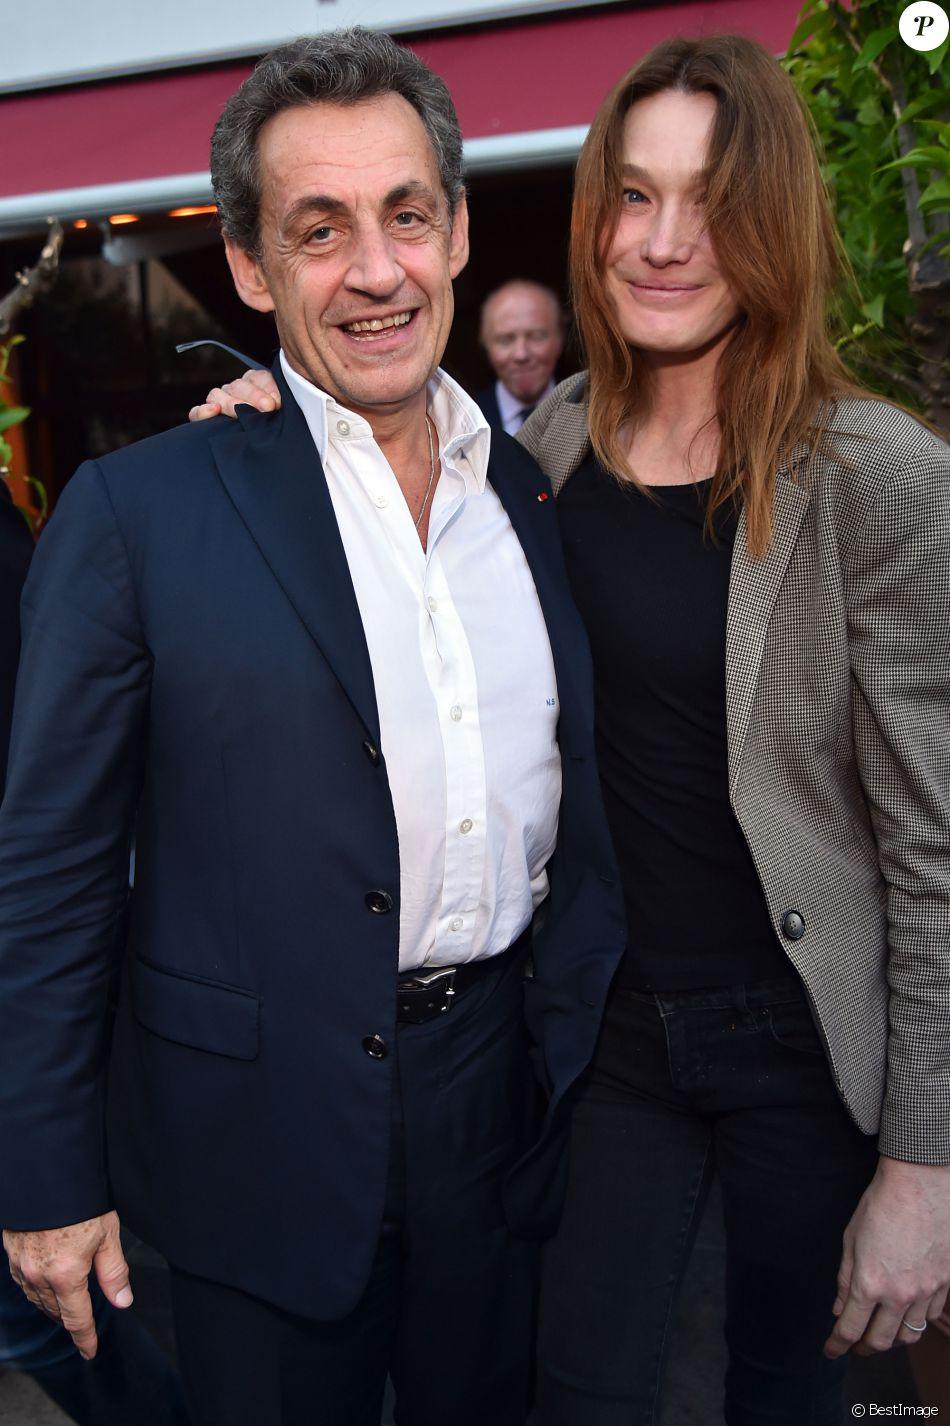 """Semi-Exclusif - Nicolas Sarkozy et sa femme Carla Bruni-Sarkozy sont allés diner au restaurant """"La Petite Maison"""" après avoir participé aux Journées d'études du Parti Populaire Européen à l'hôtel Méridien à Nice, le 1er juin 2016."""